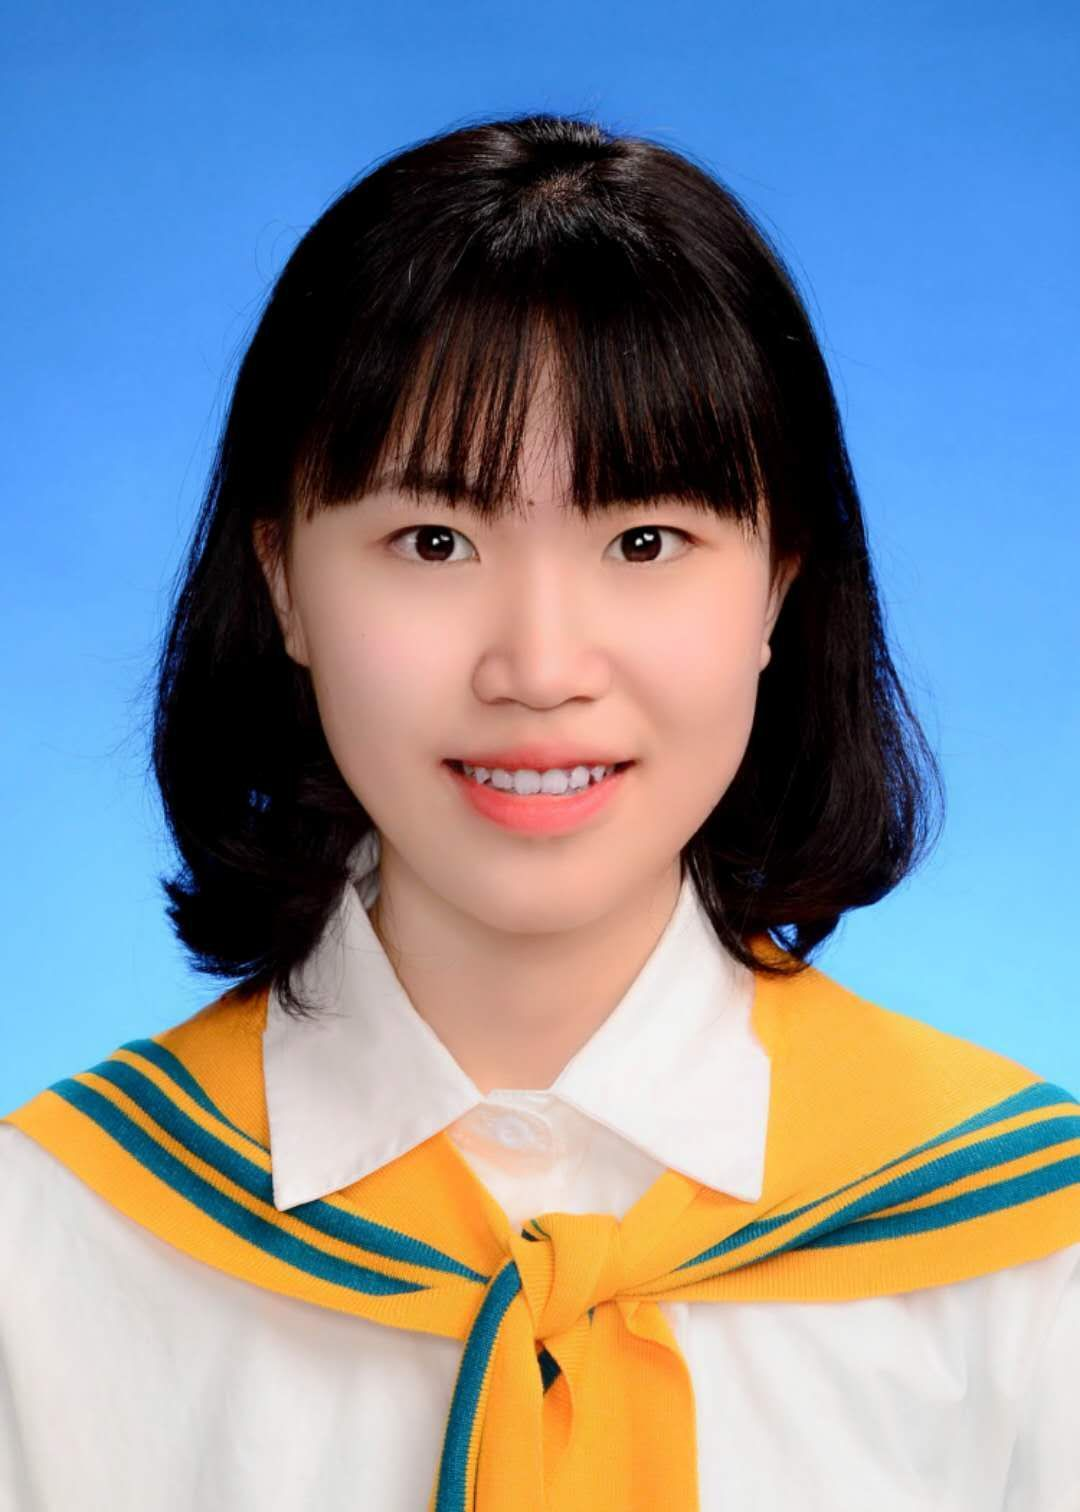 重庆家教伍教员